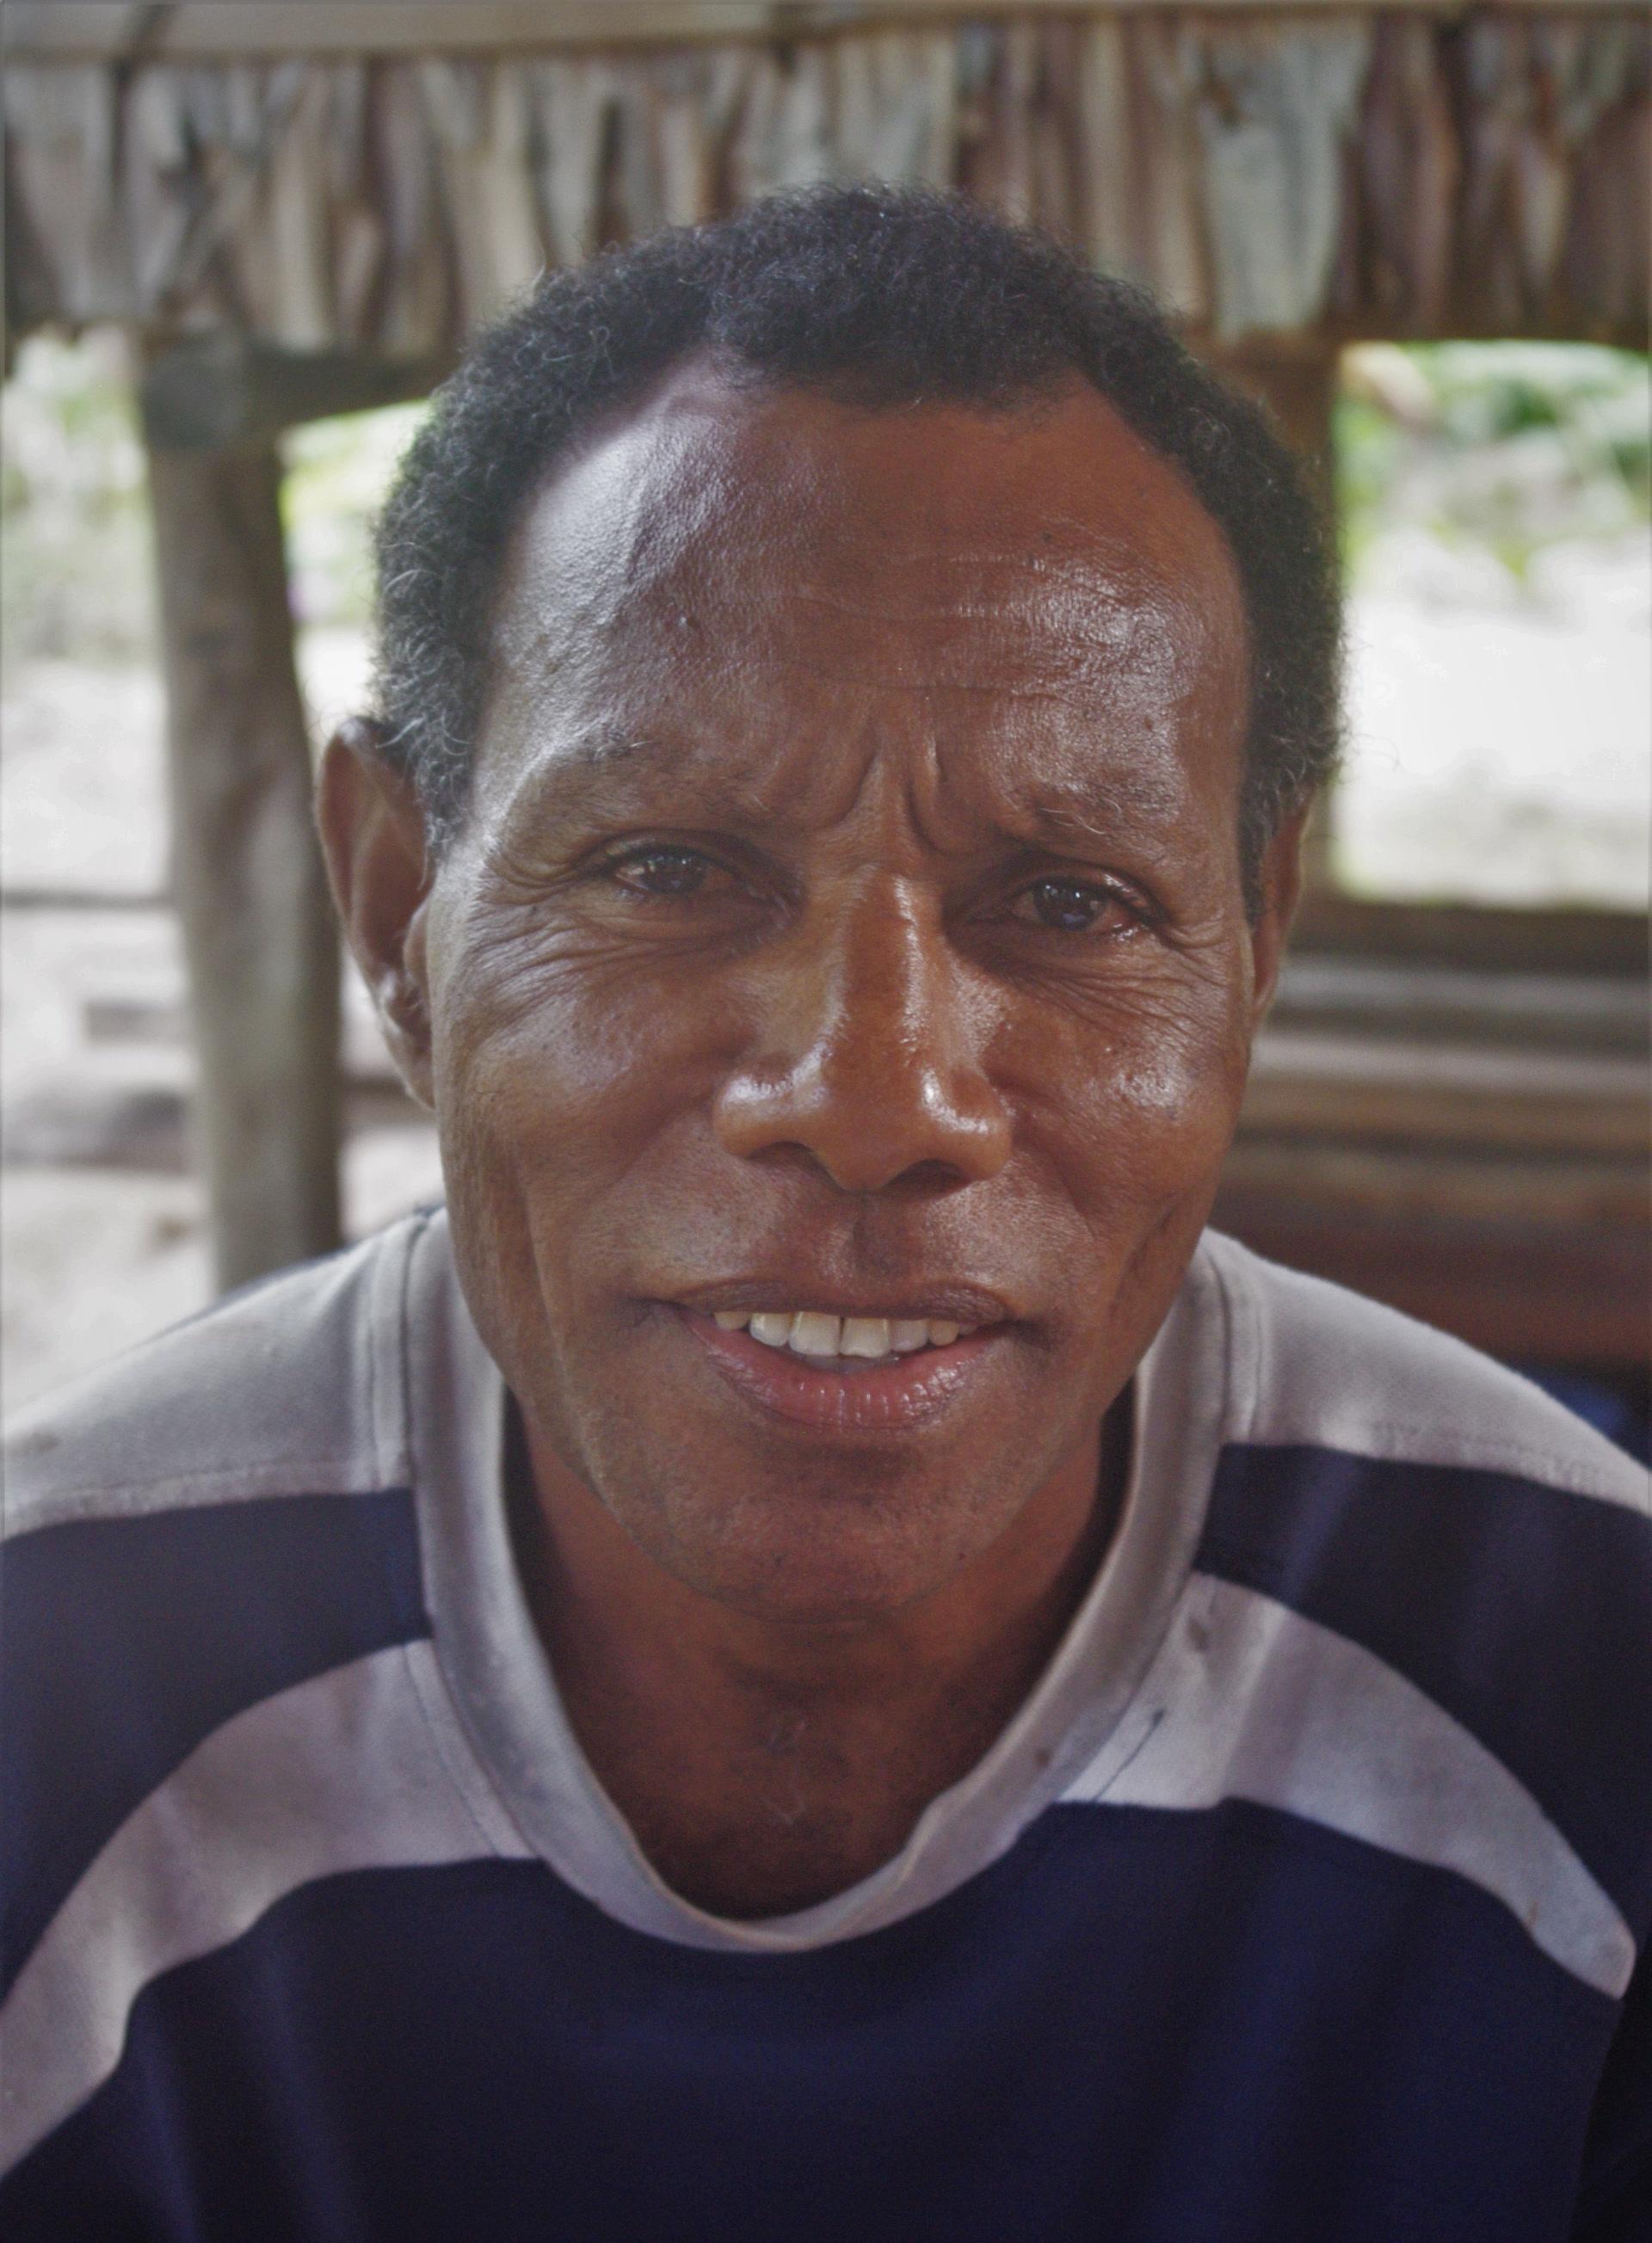 En 2012, après le décès des locuteurs plus âgés, le tanema n'est plus connu que d'un dernier locuteur, Lainol Nalo.  (photo AF, 2012)